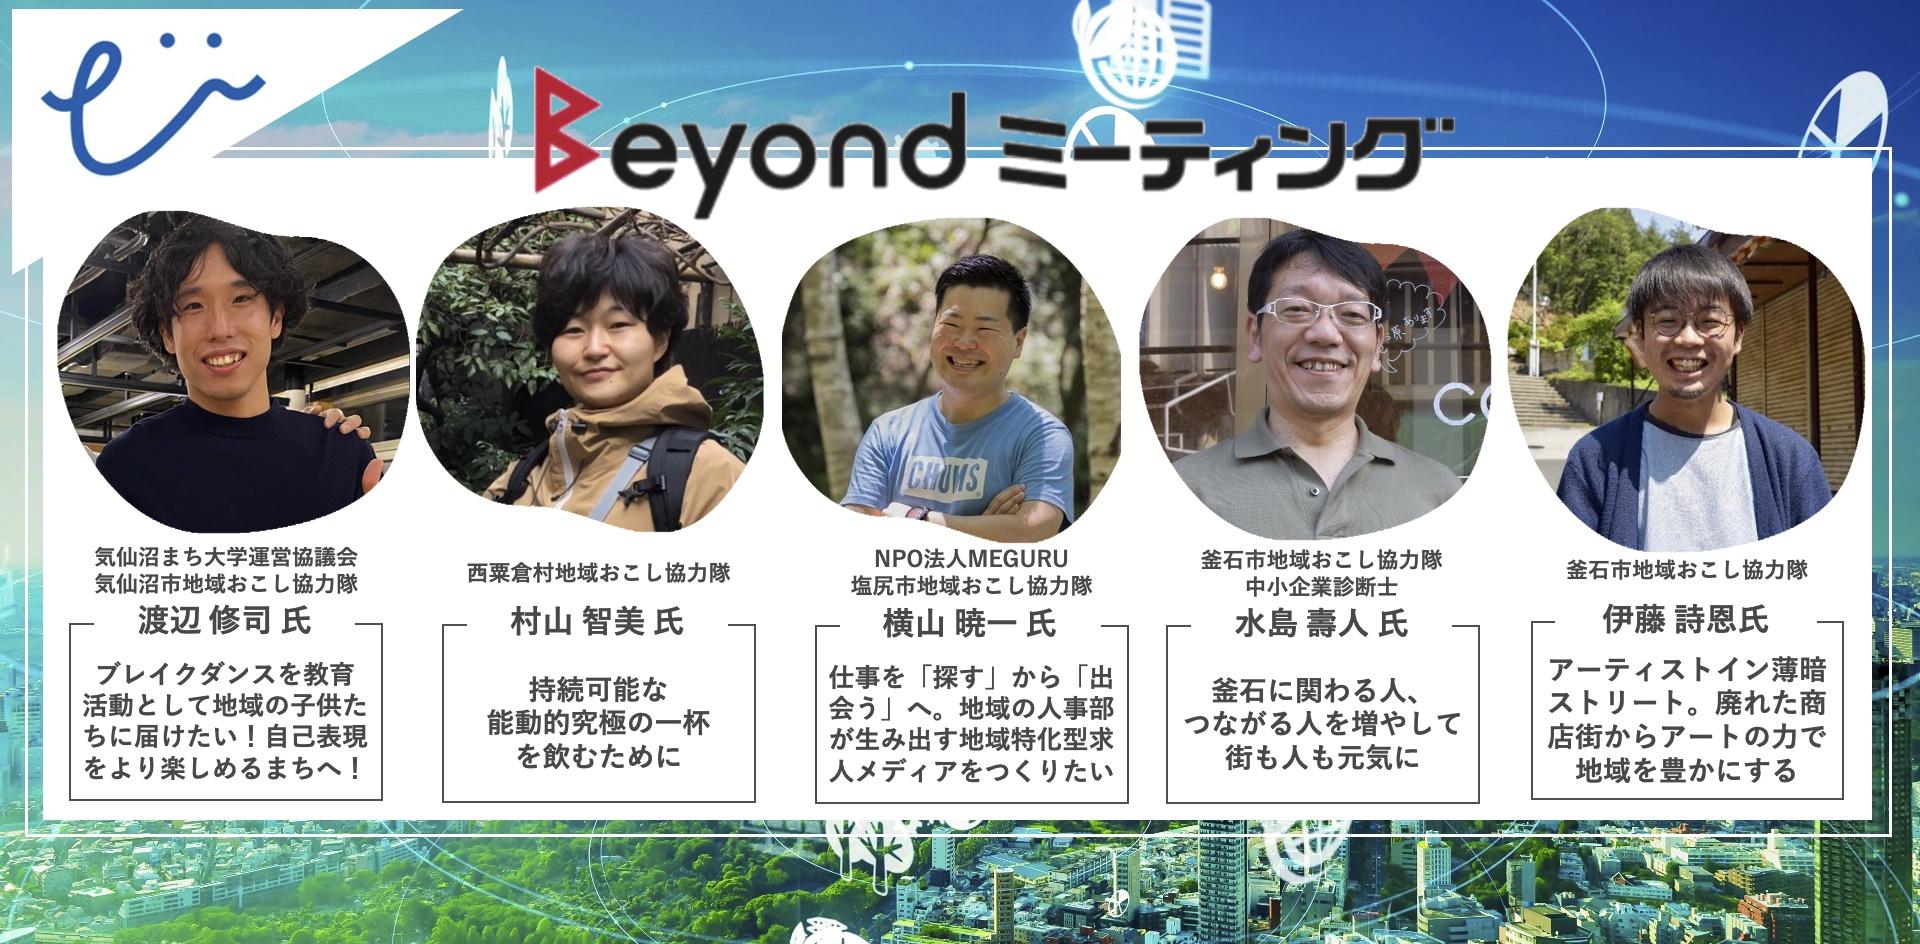 ローカルベンチャー版 Beyondミーティング ~地域を越えて全力応援!~